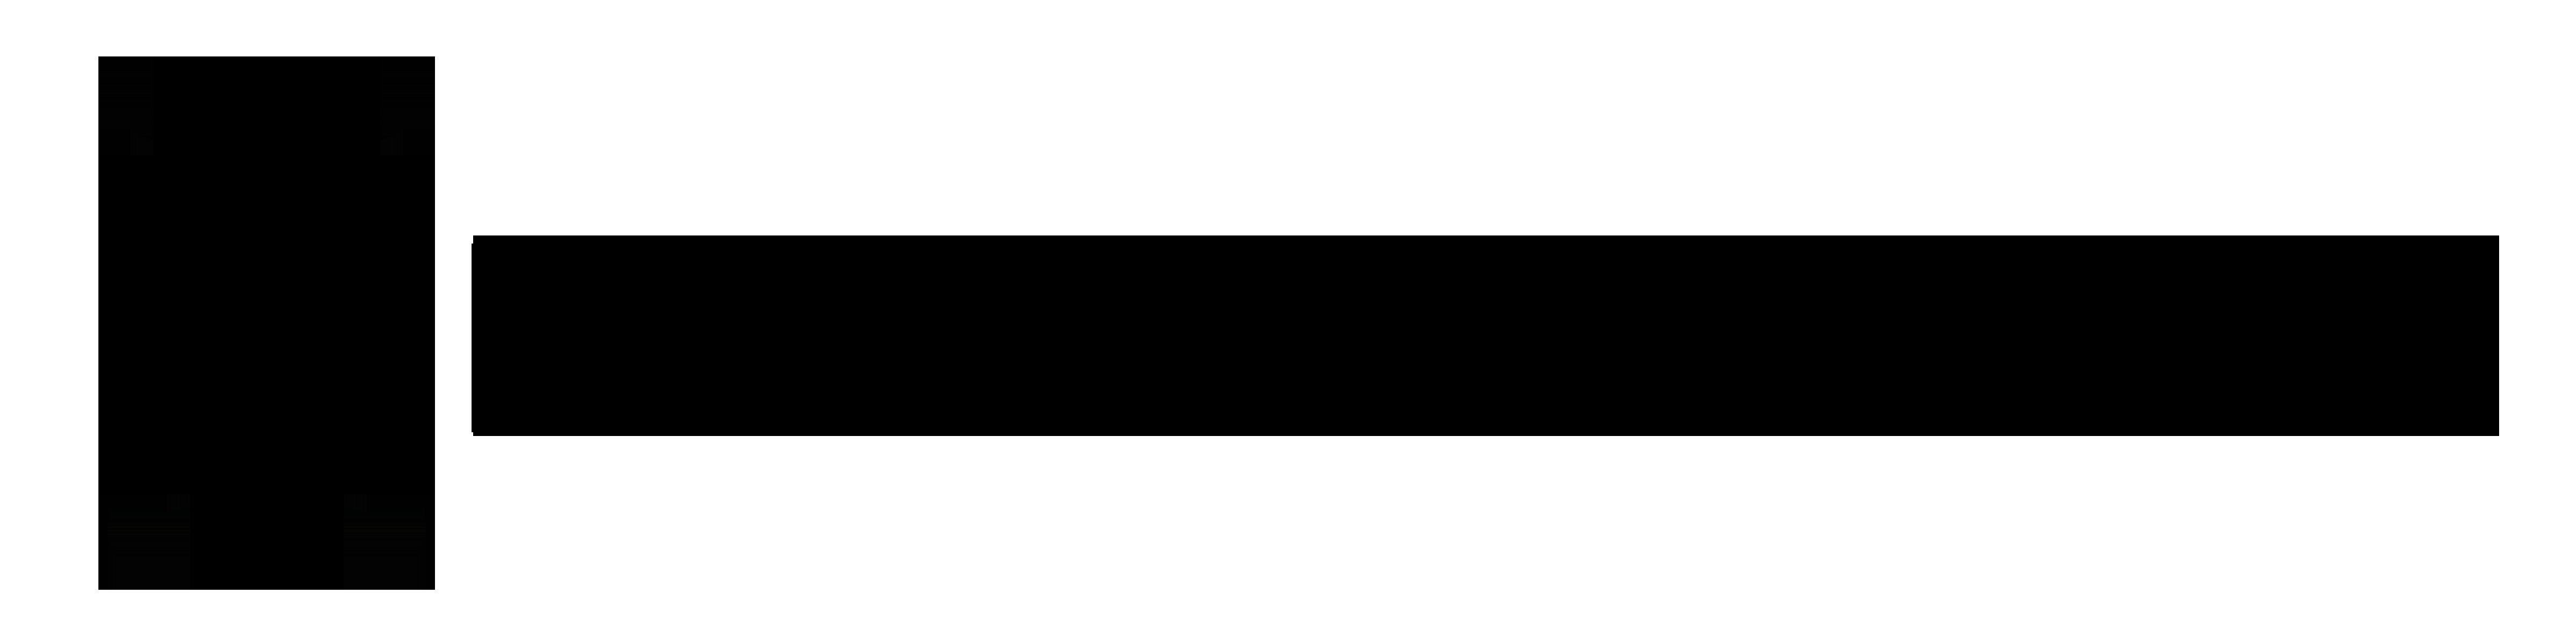 DomainsForSale.com